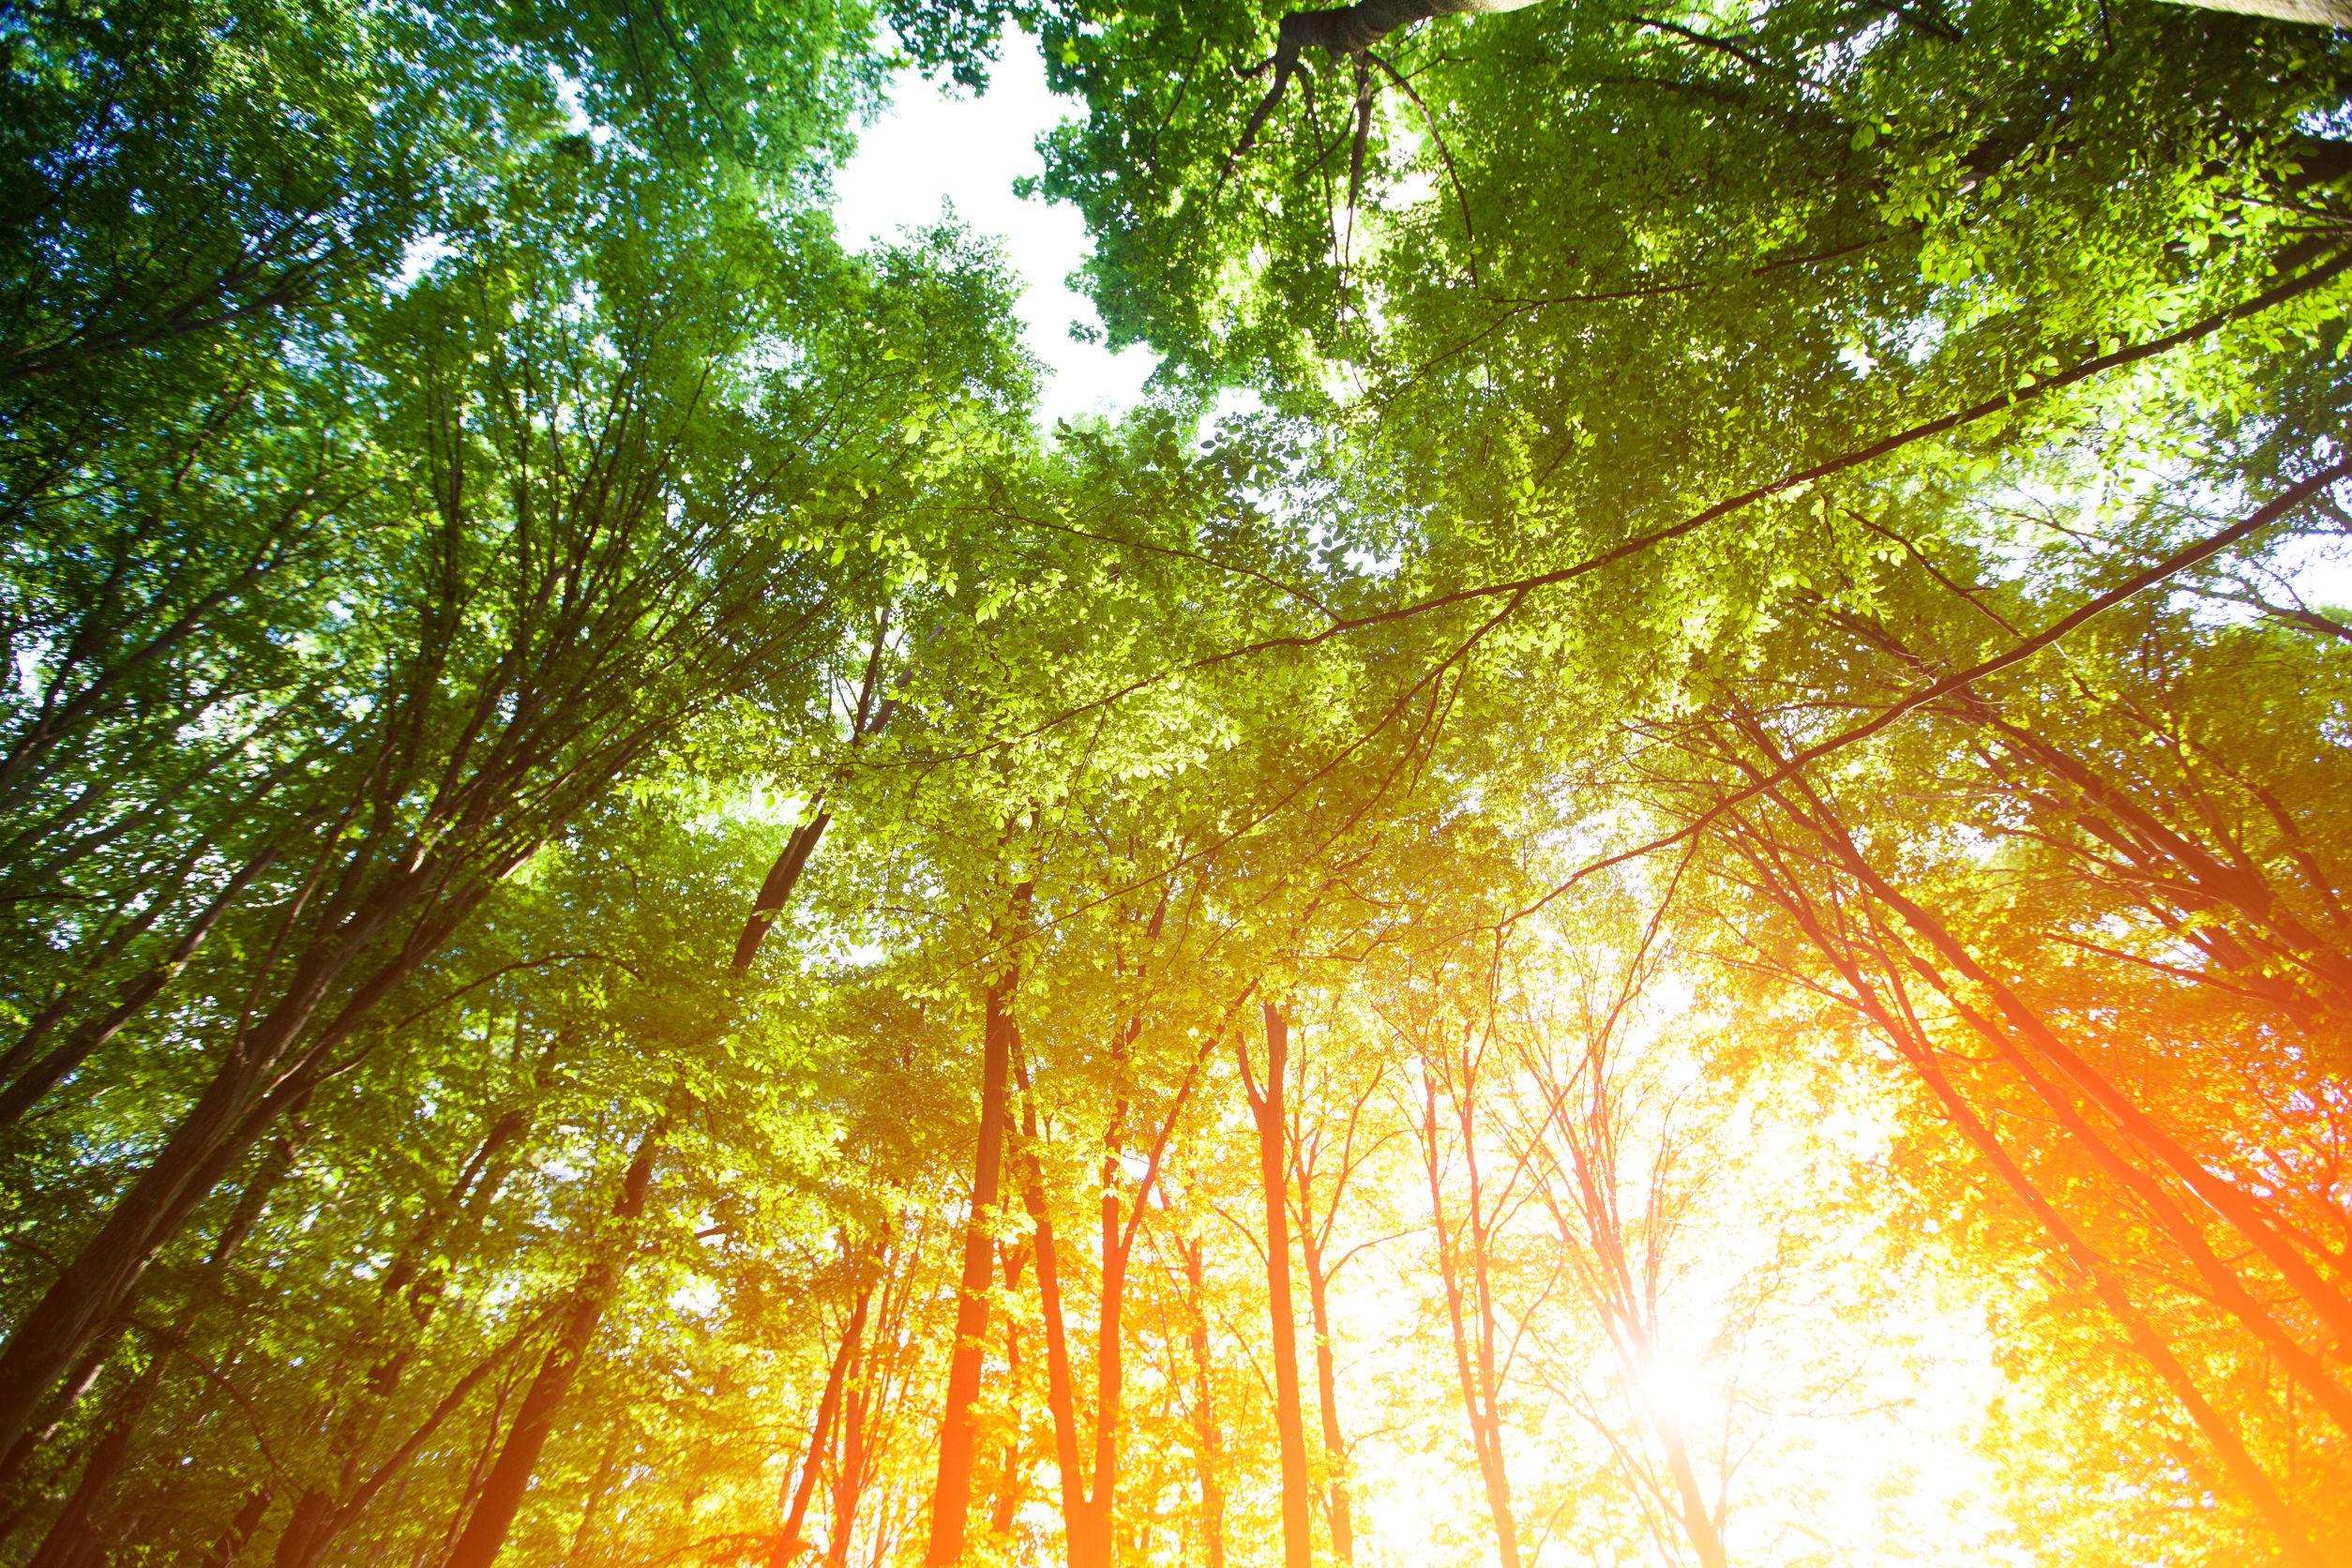 PROGNOZA METEO: Vreme caniculară vineri şi sâmbătă. Izolat, temperaturile ajung şi la 37 de grade